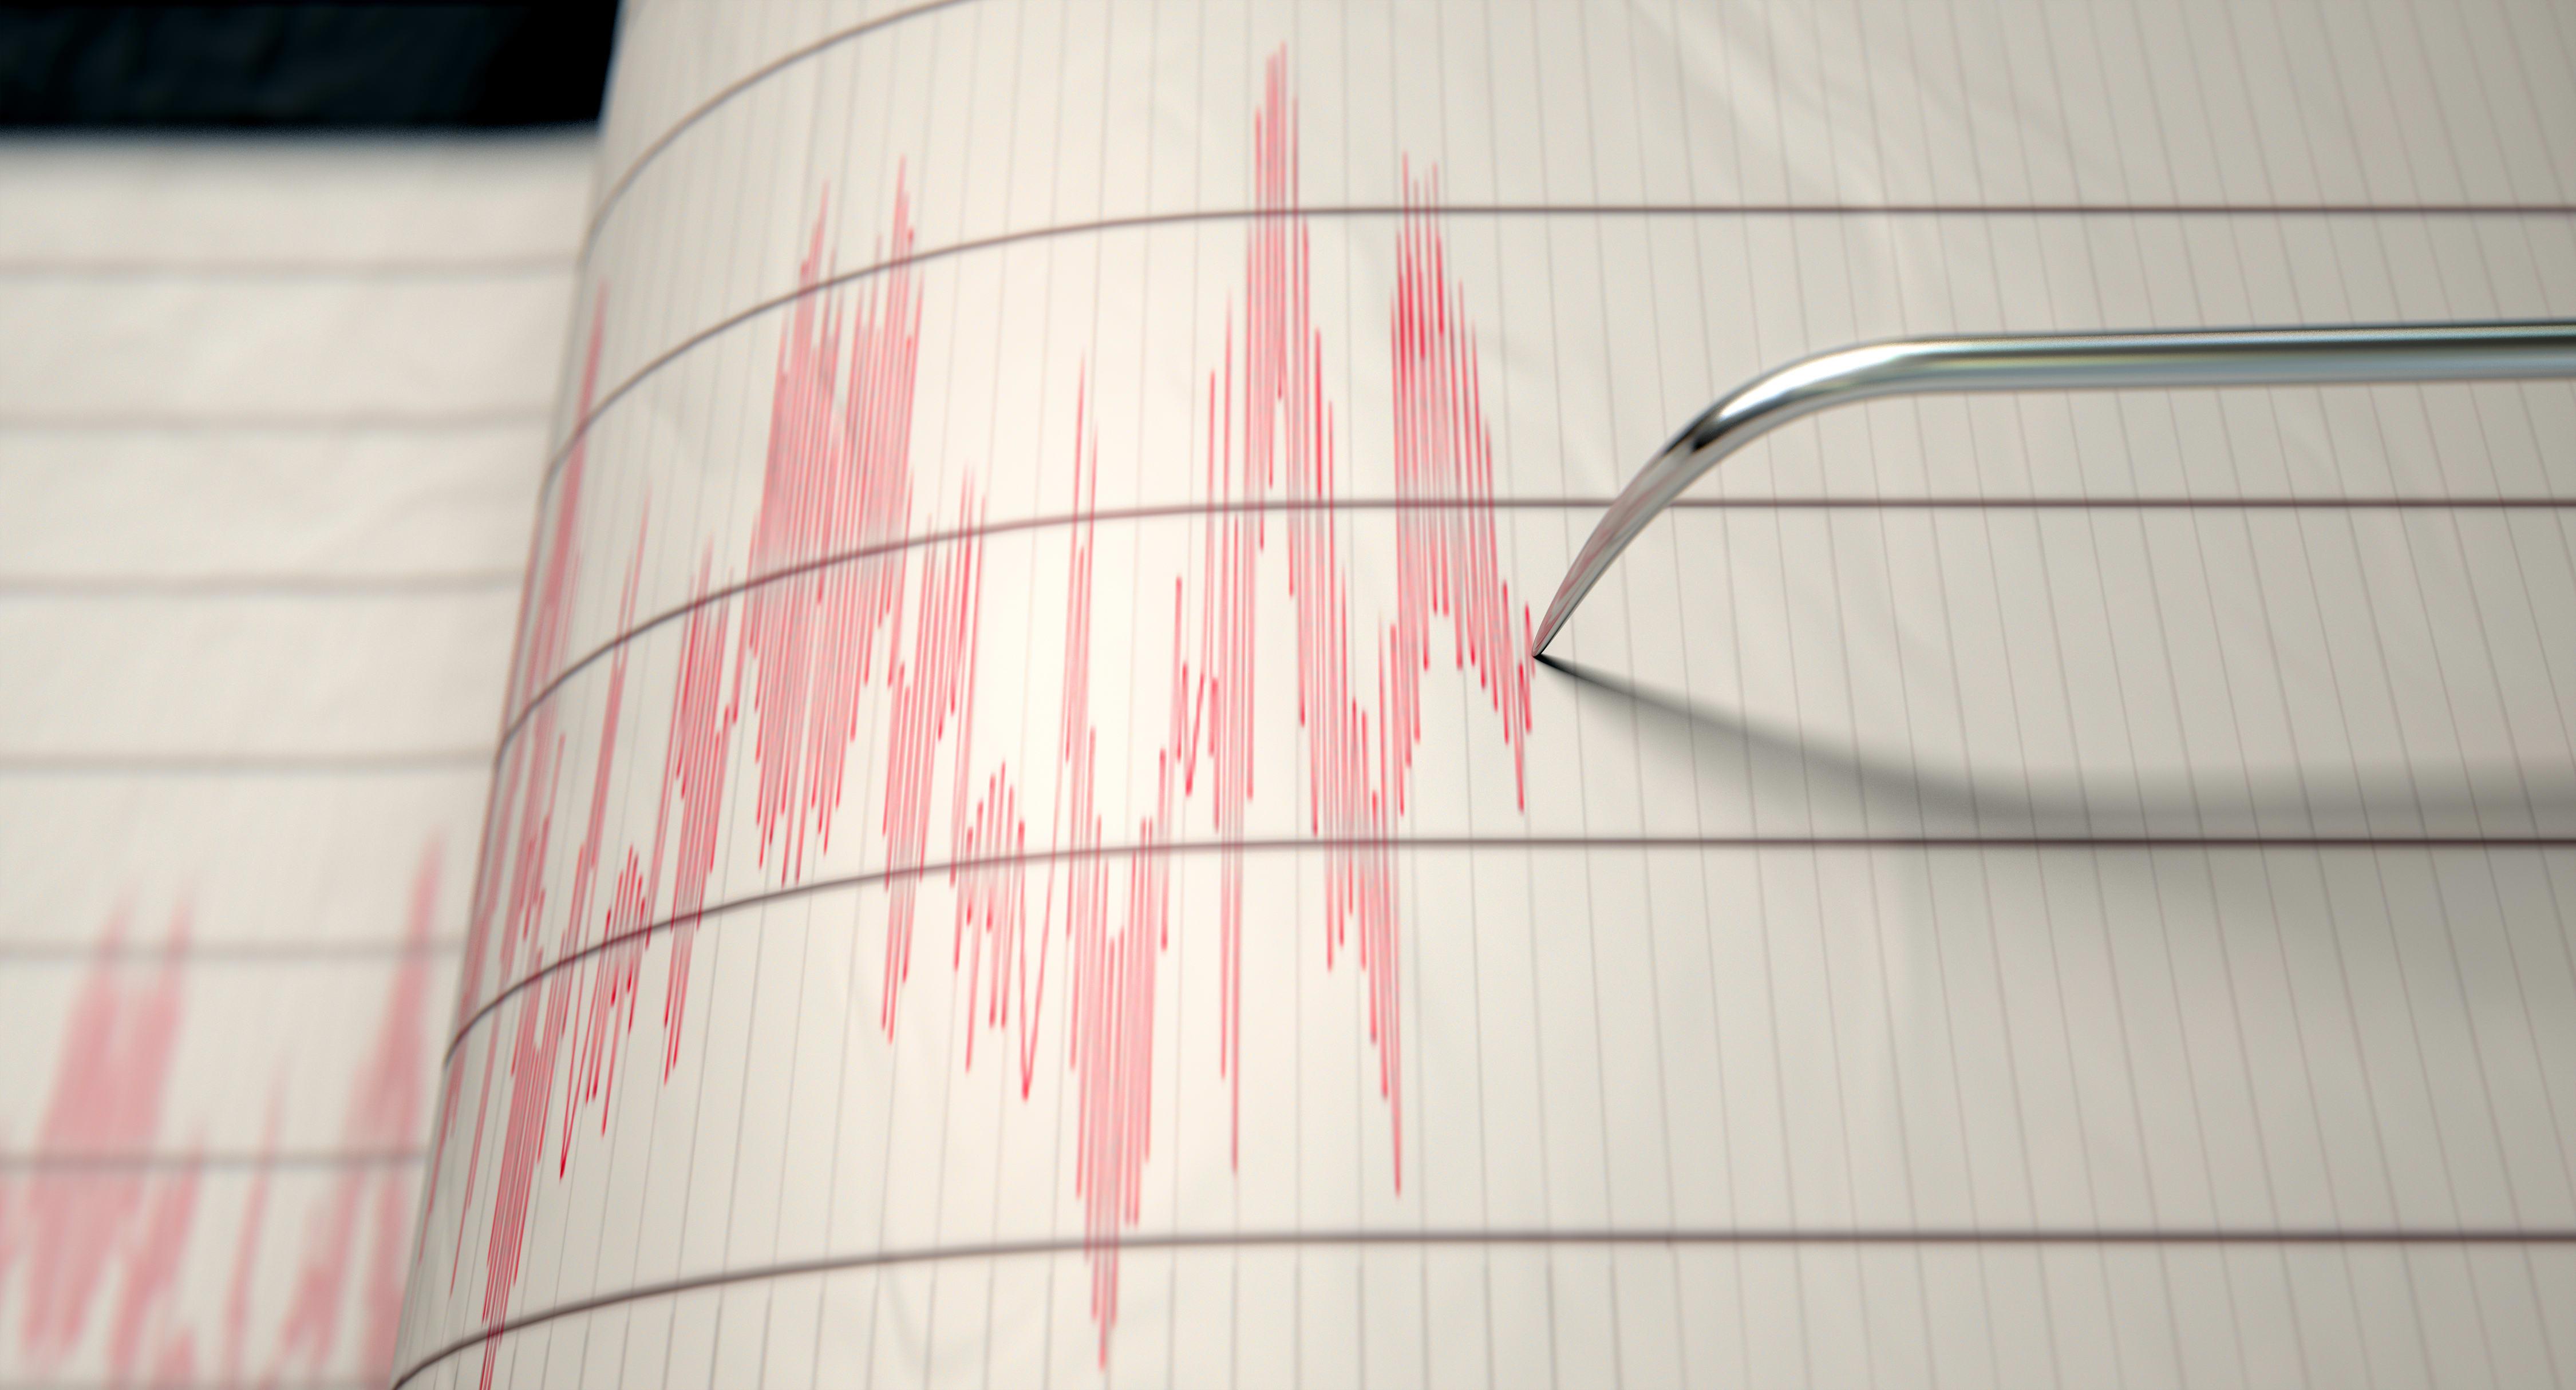 Sismo de magnitud 5.7 golpea a Puerto Rico y se reportan daños